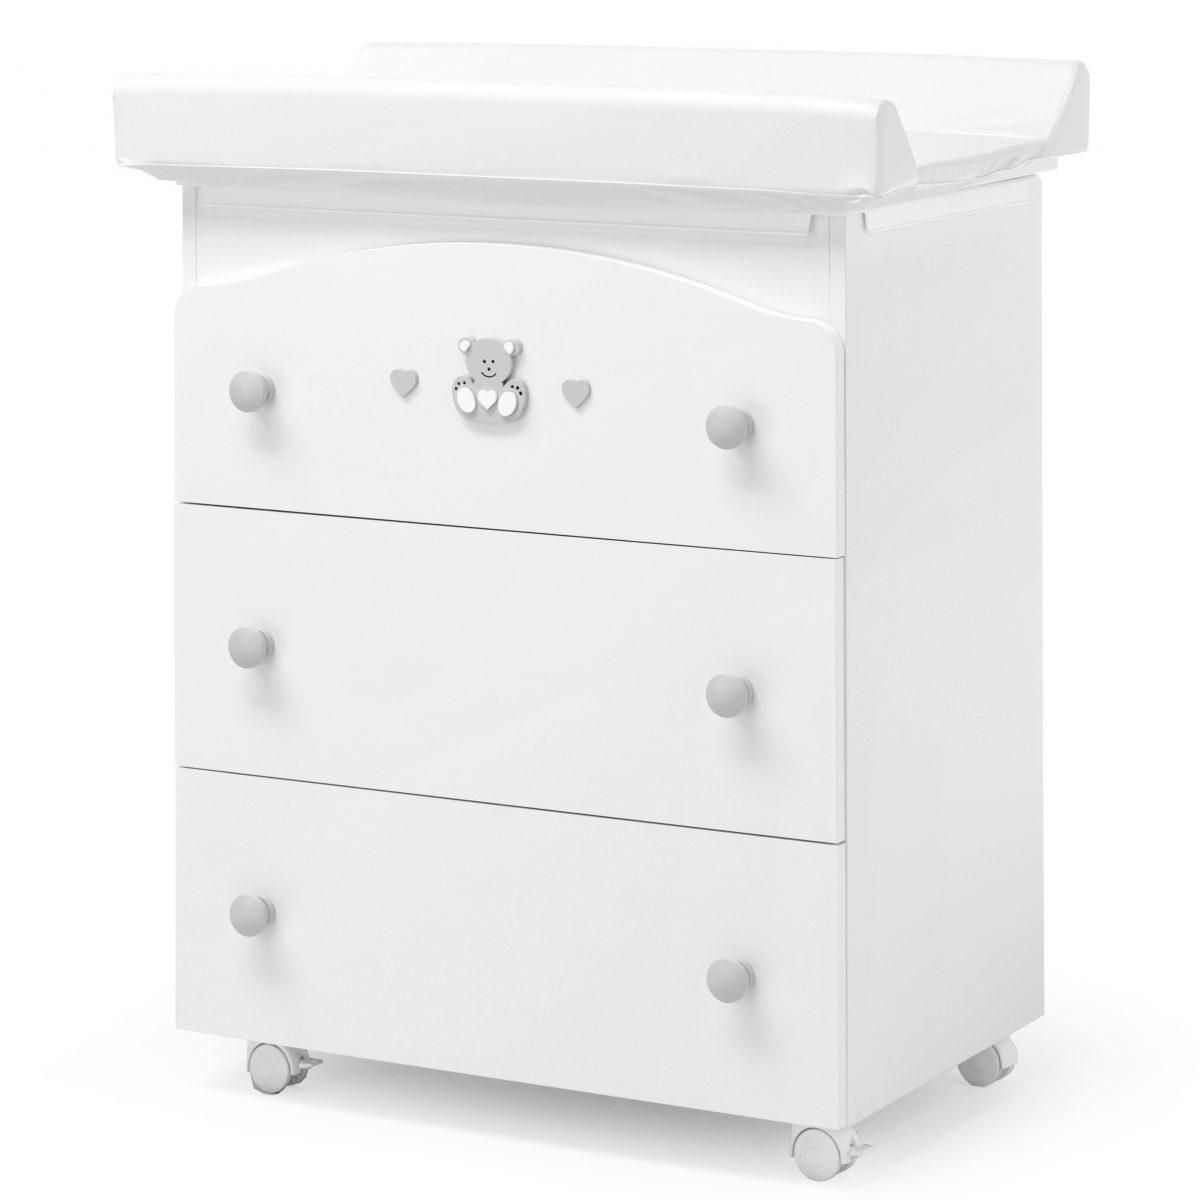 luxusní dětský nábytek - přebalovací pult 3v1 Charly